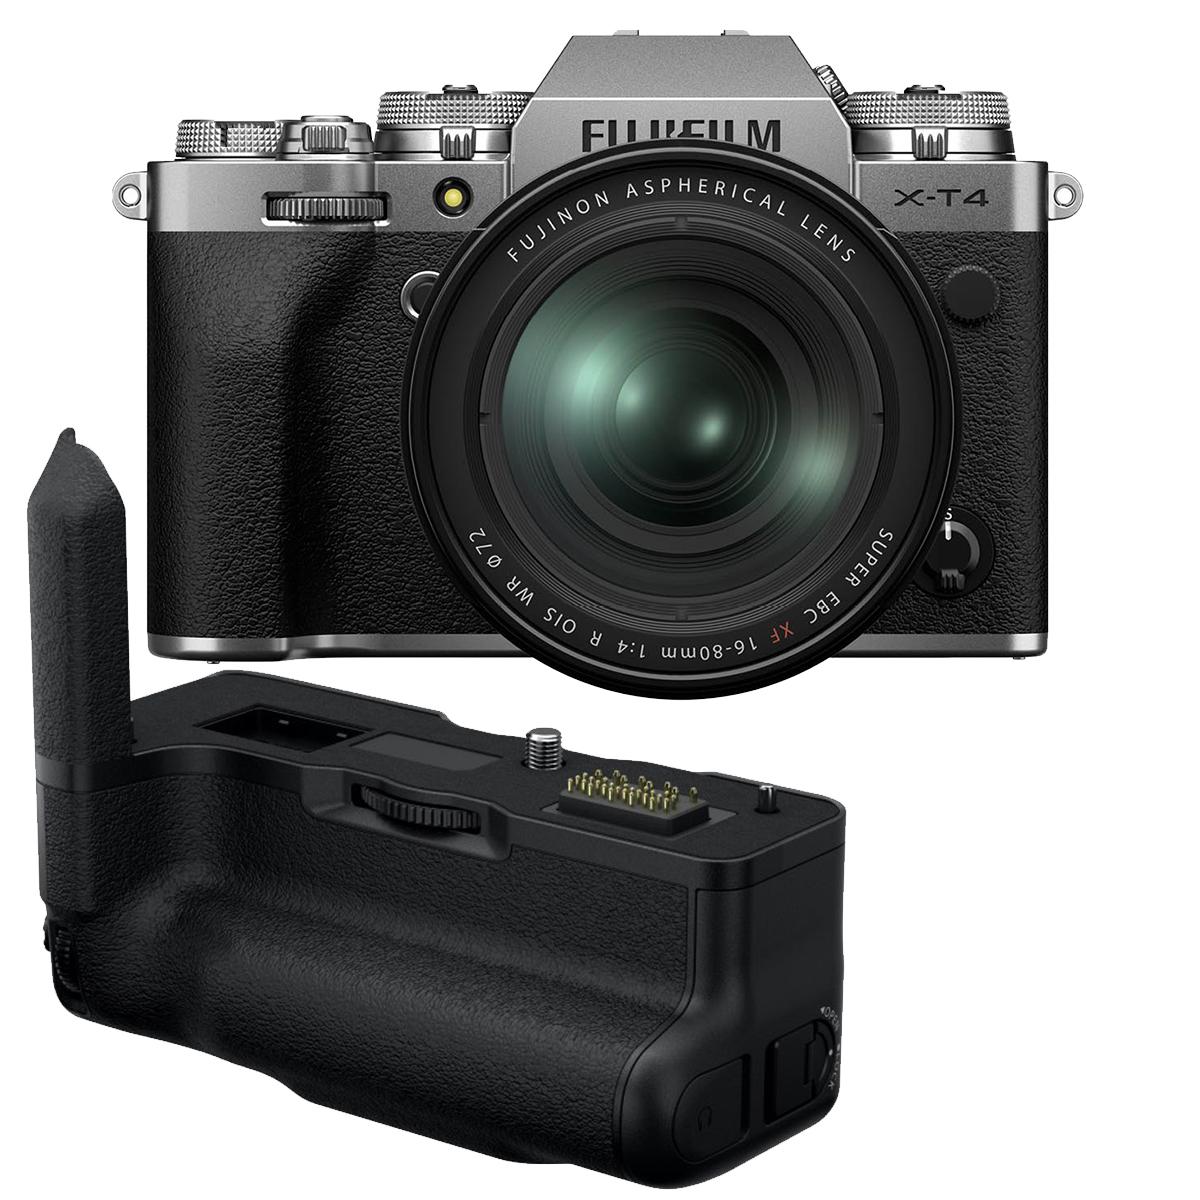 Fujifilm X-T4 Kit mit 16-80 mm + VG-XT4 Handgriff silber